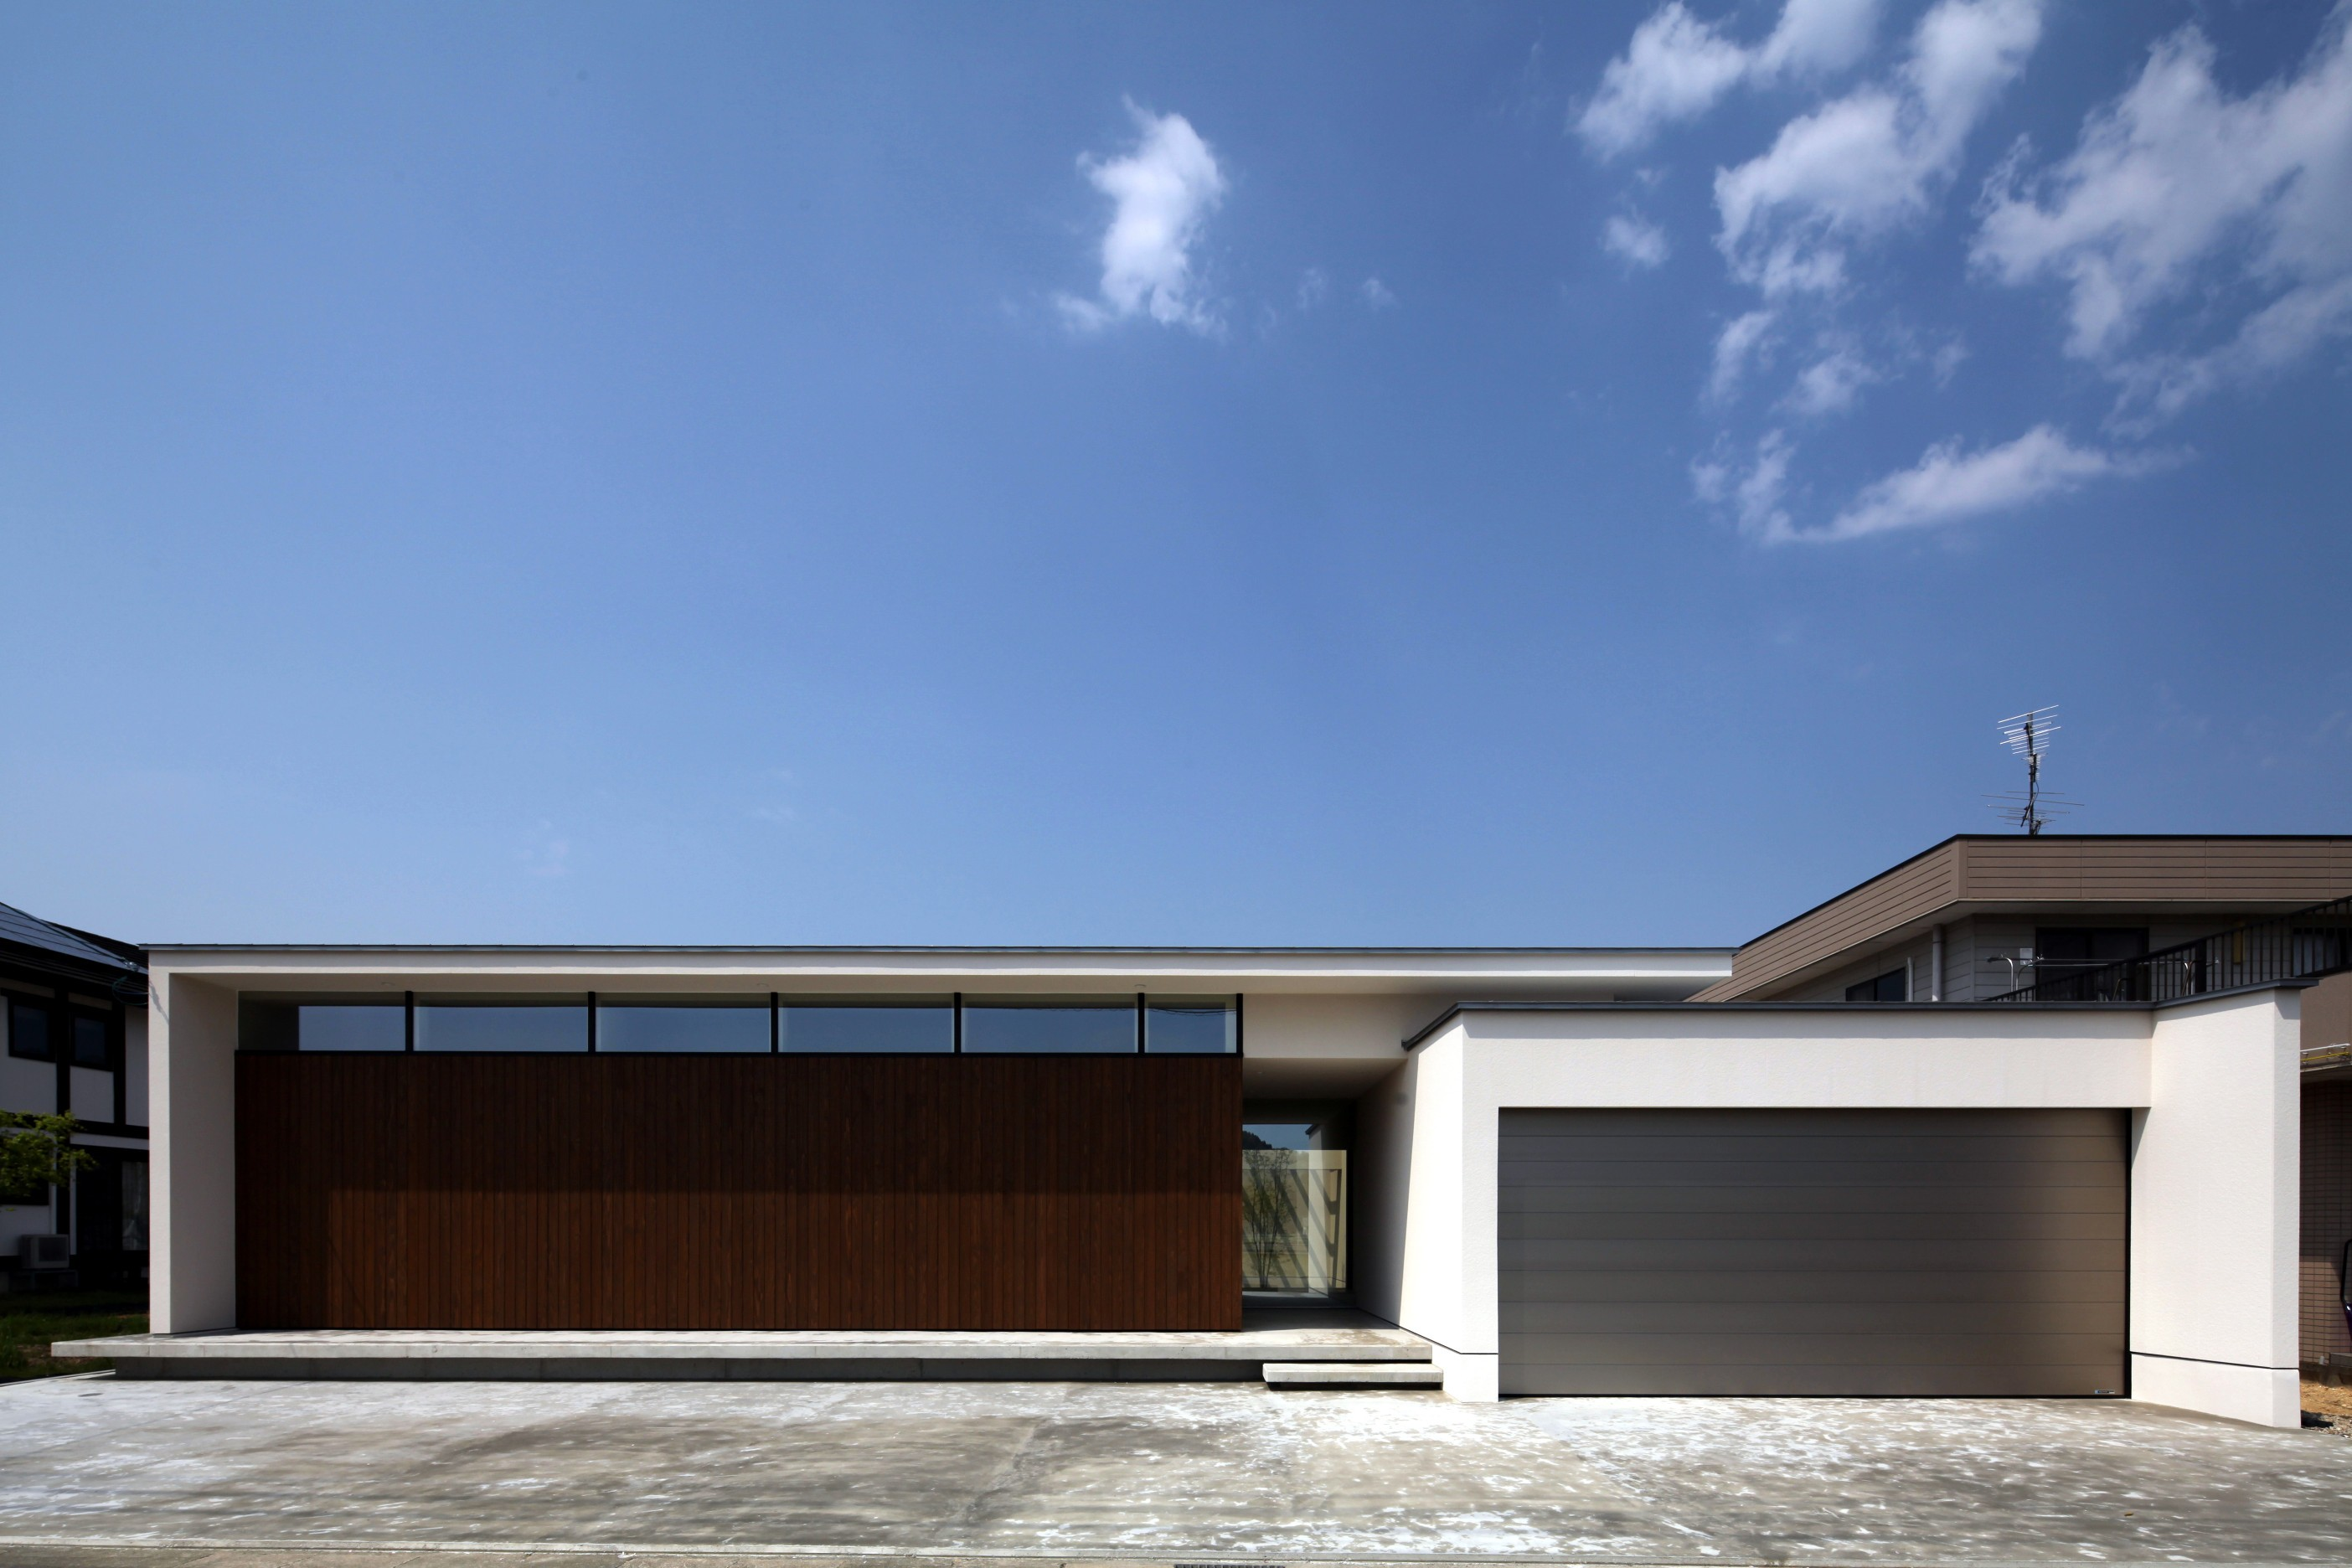 外観事例:シンプルな外観(保月の家(ほづきのいえ)~お店のようなアプローチ空間~)